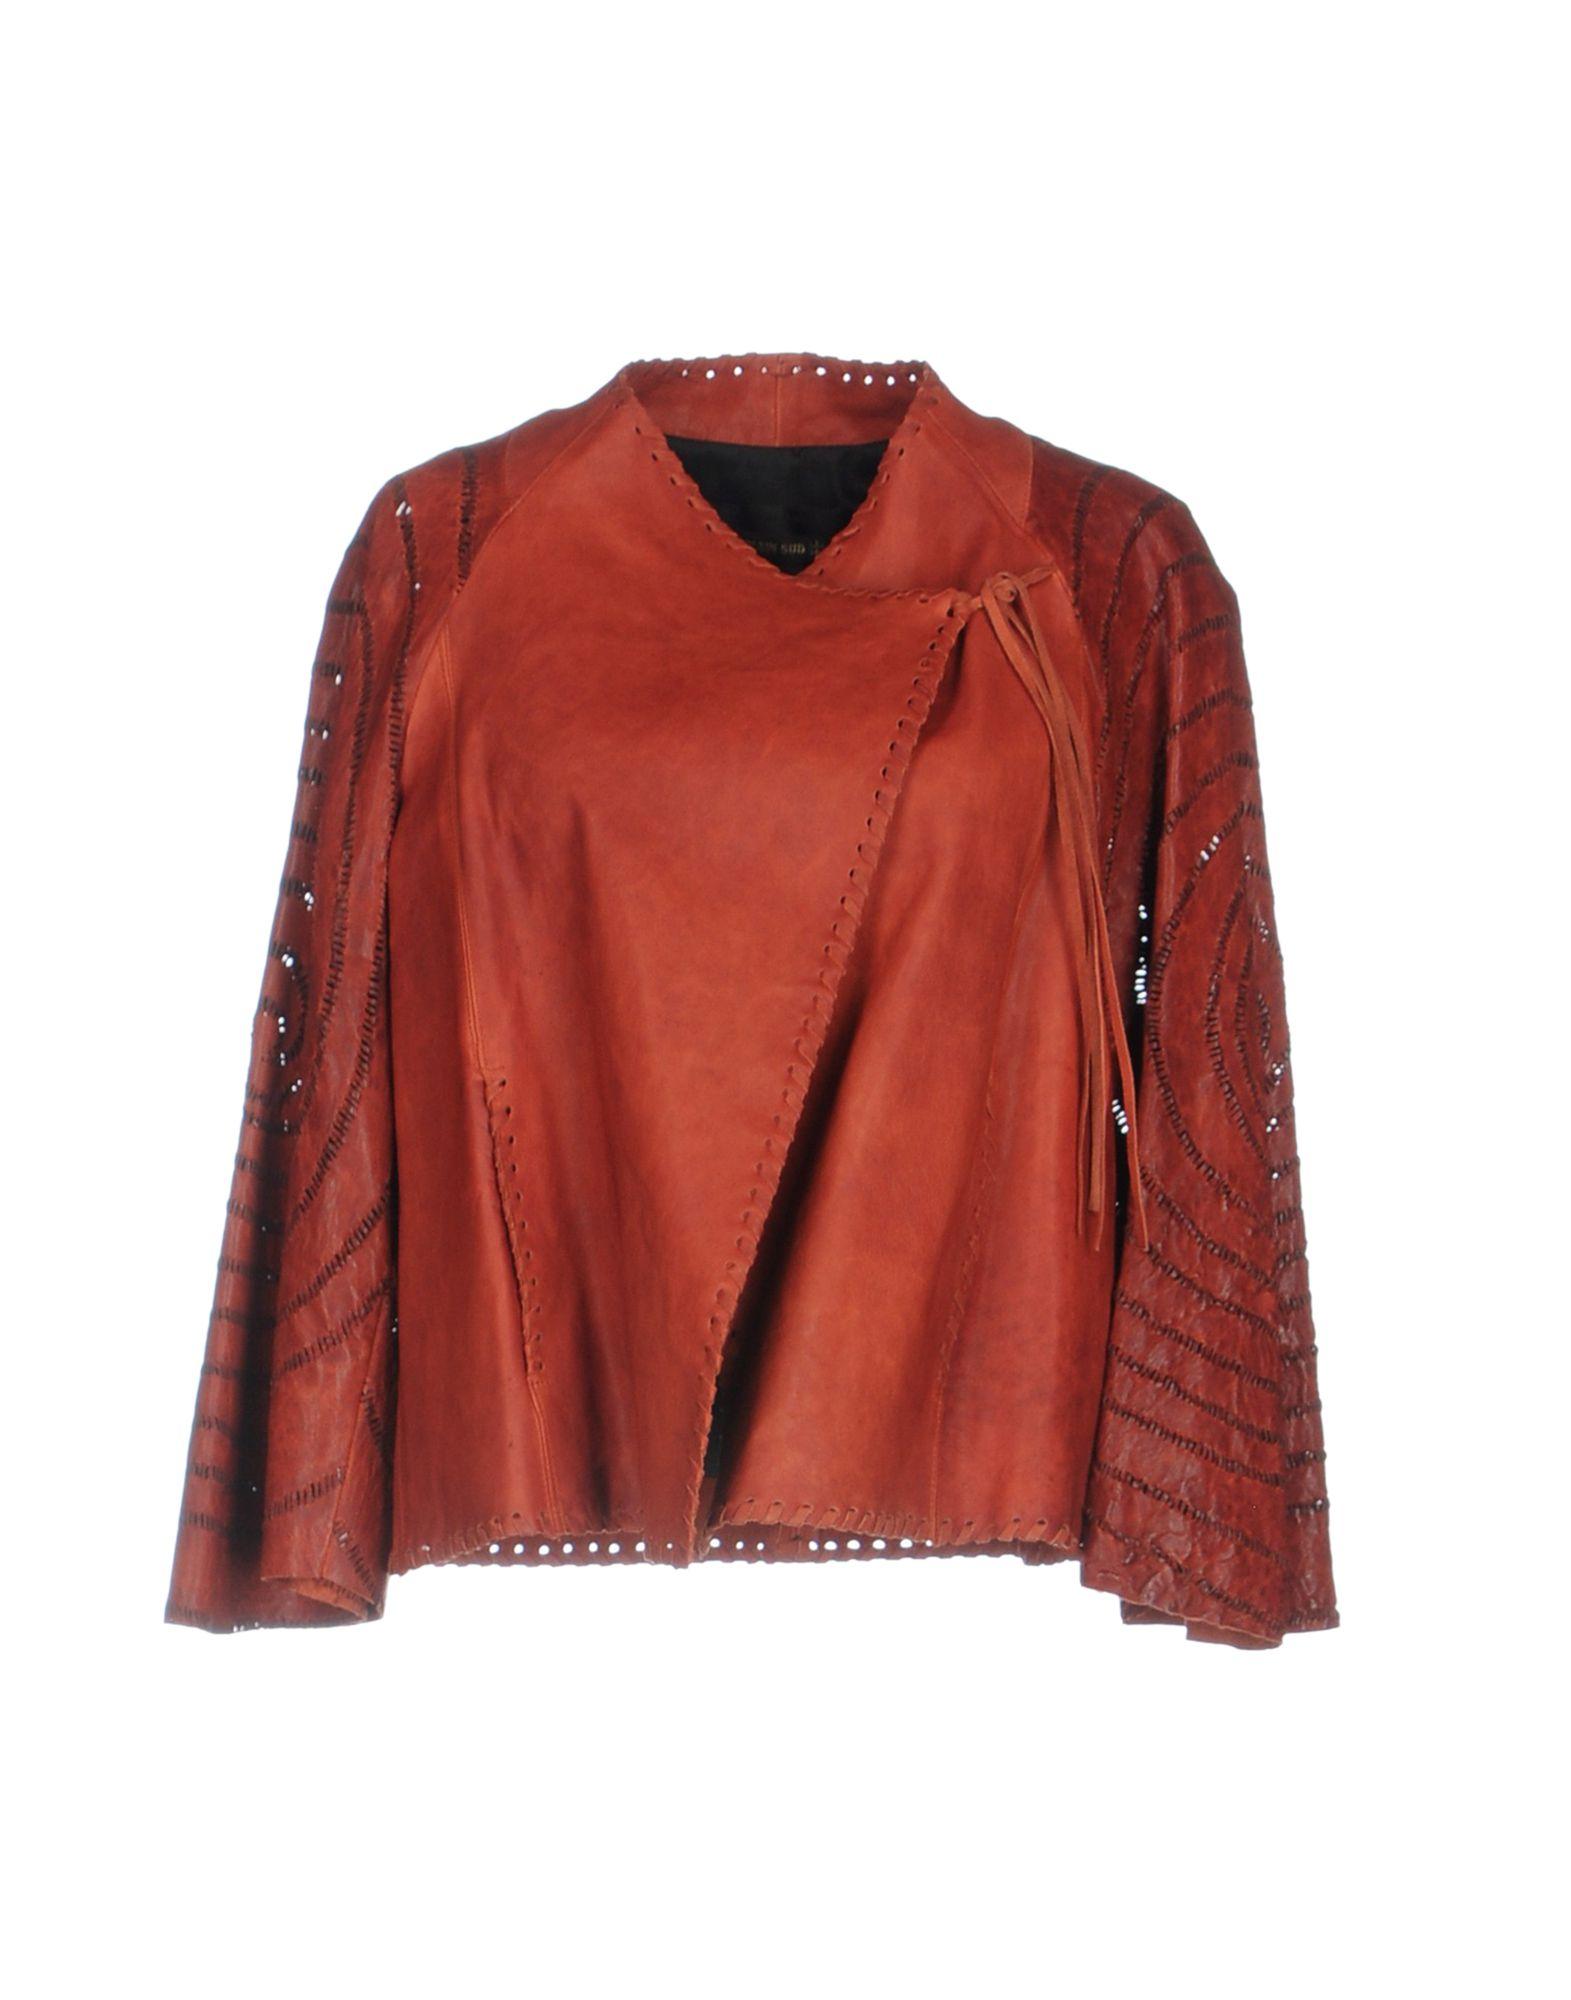 PLEIN SUD Damen Jacke Farbe Ziegelrot Größe 5 - broschei